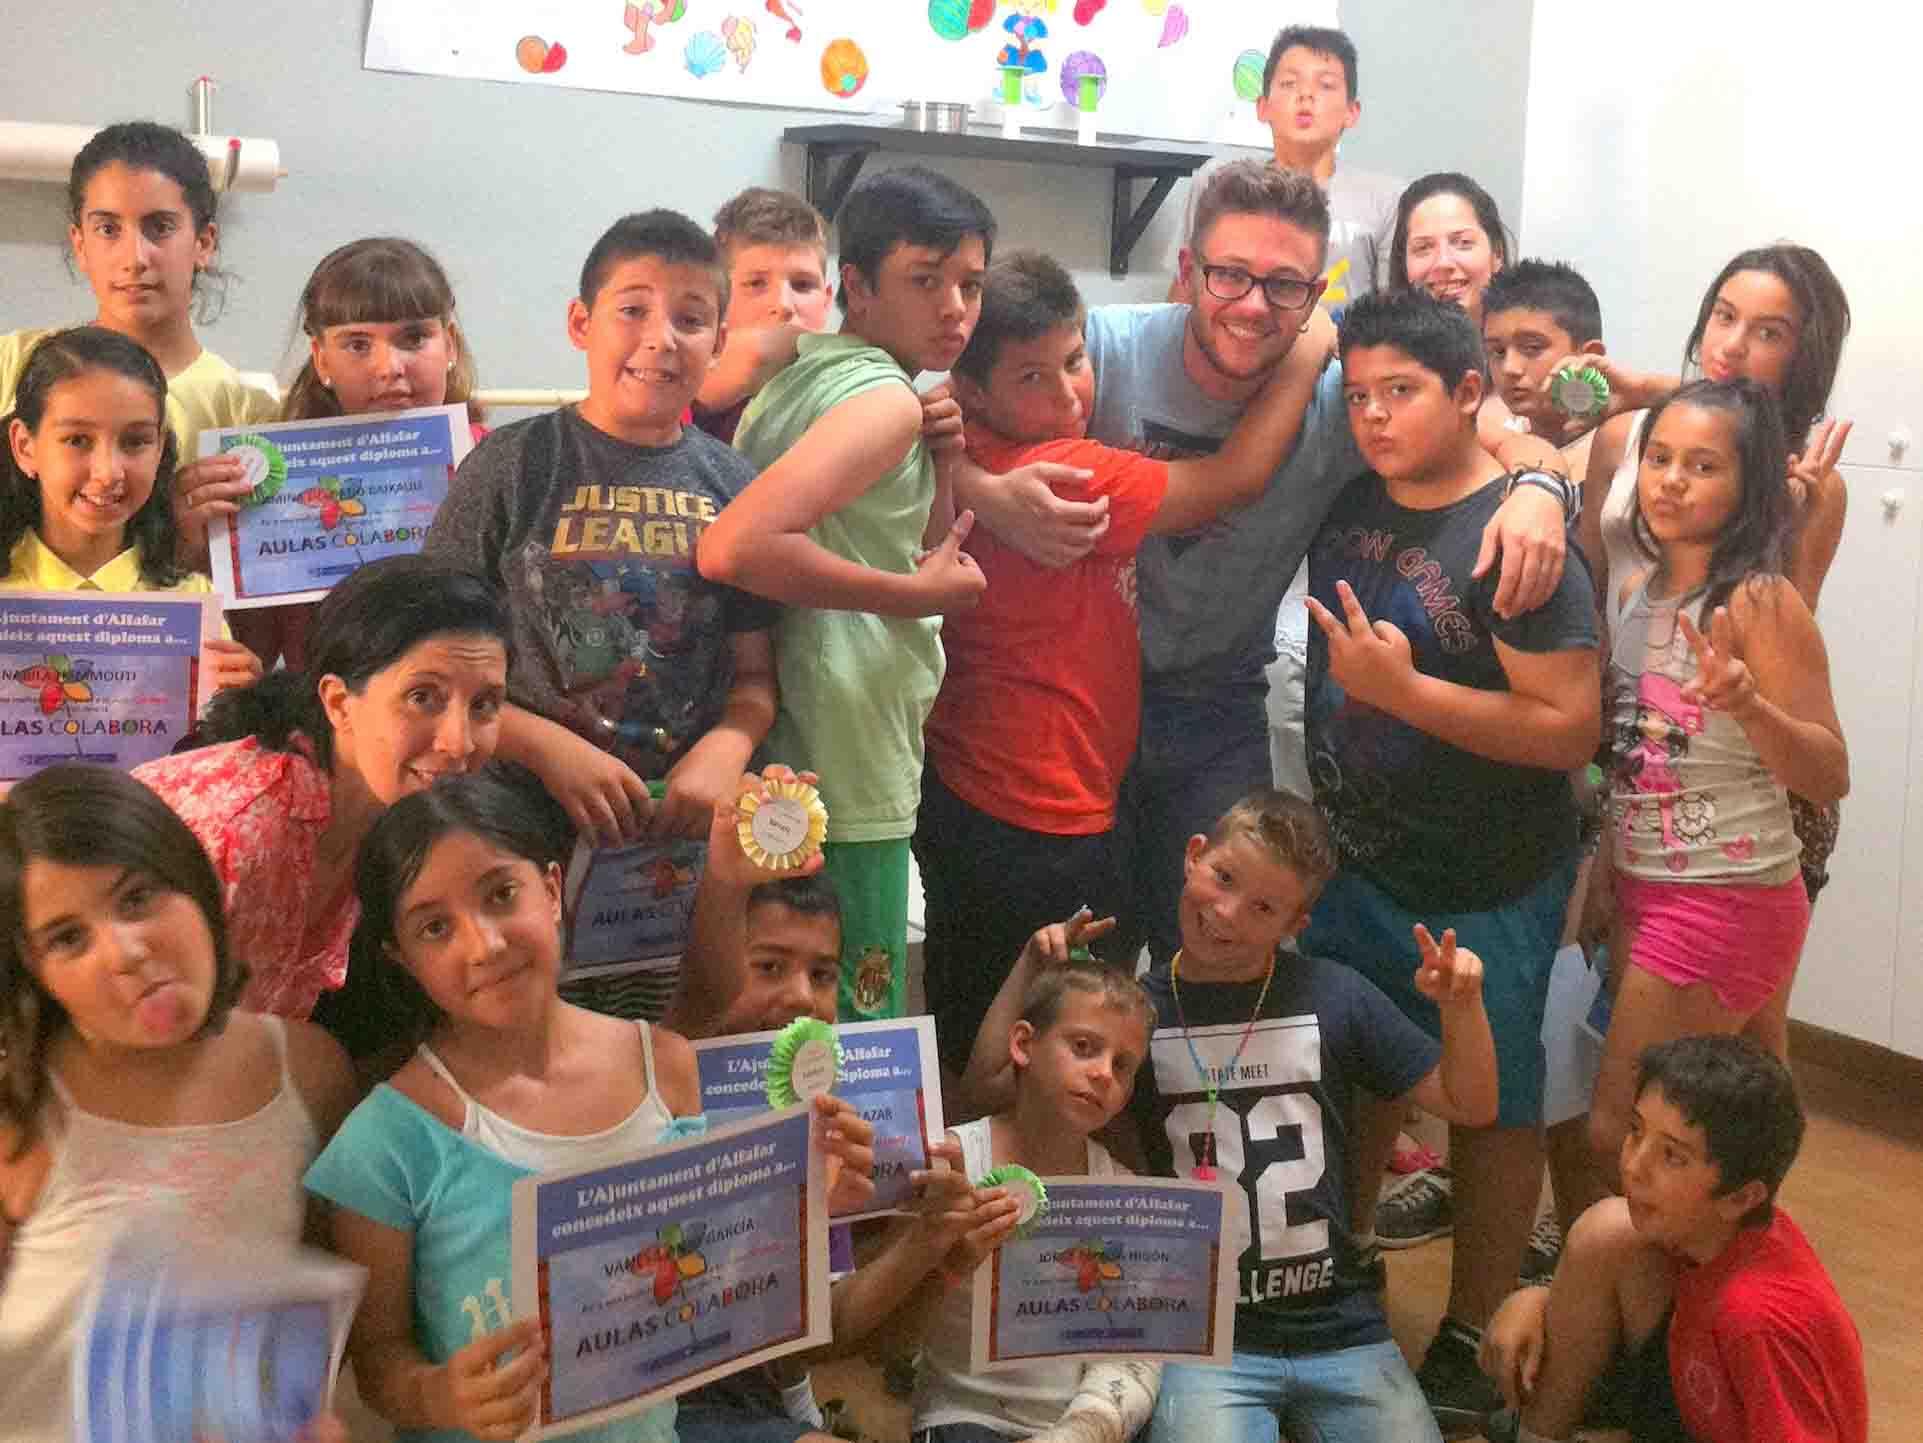 Las aulas colabora de Alfafar cierran sus puertas hasta septiembre